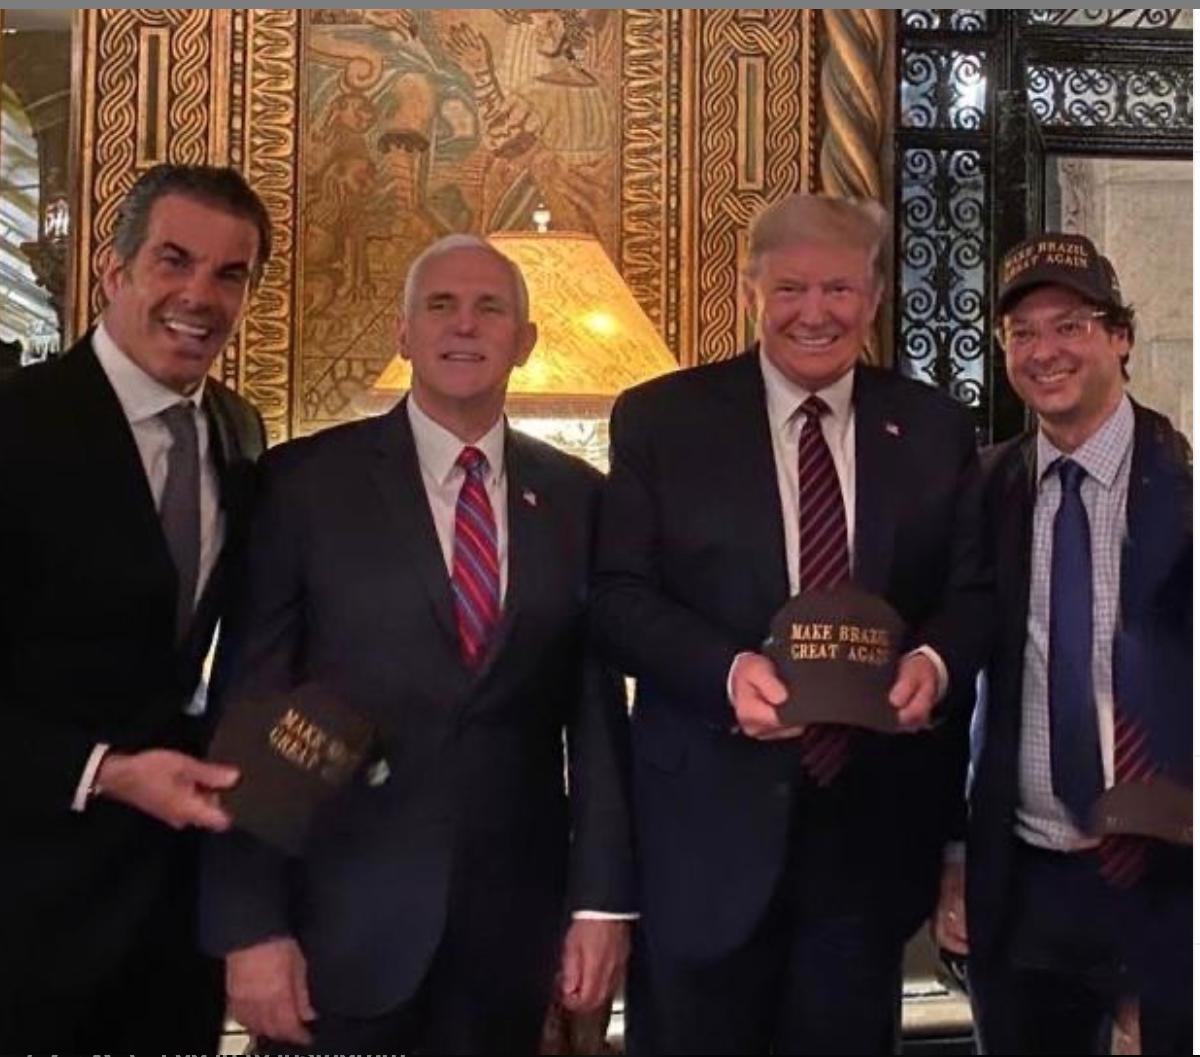 Tổng thống Mỹ Donald Trump không quan tâm dù đã đứng cạnh một quan chức dương tính với Covid-19 - Ảnh 1.